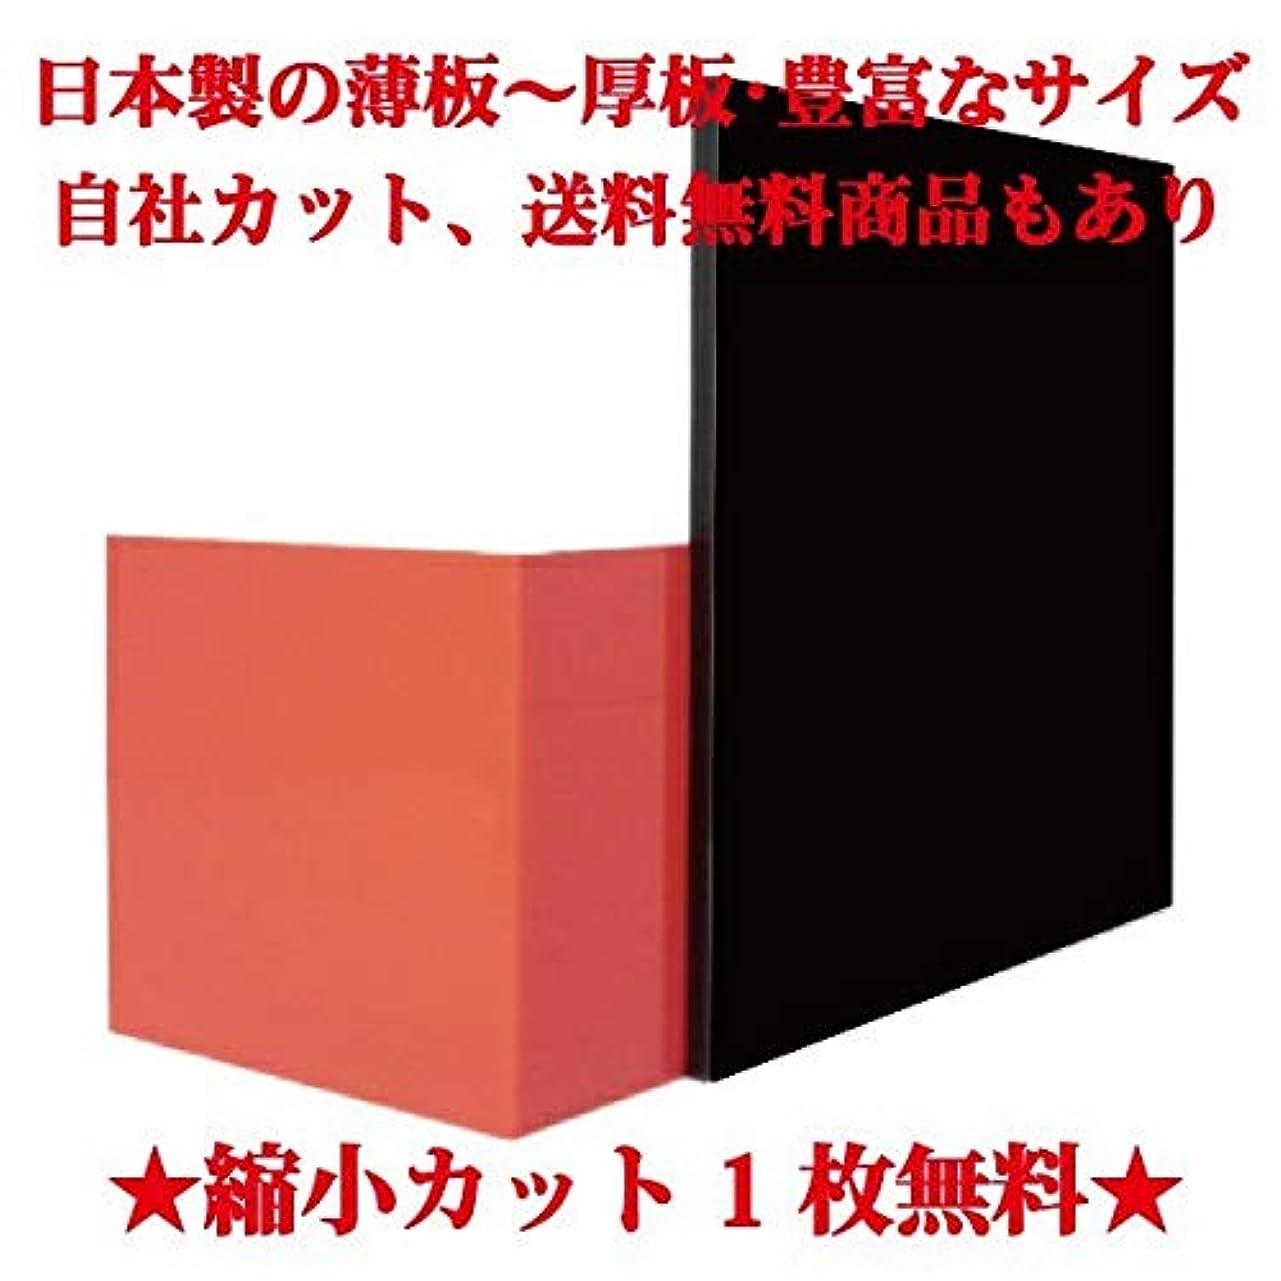 生き残り虚偽結婚する日本製 アクリル板 黒(押出板) 厚み10mm 100X300mm 縮小カット1枚無料 カンナ?糸面取り仕上(エッジで手を切る事はありません)(業務用?キャンセル返品不可)